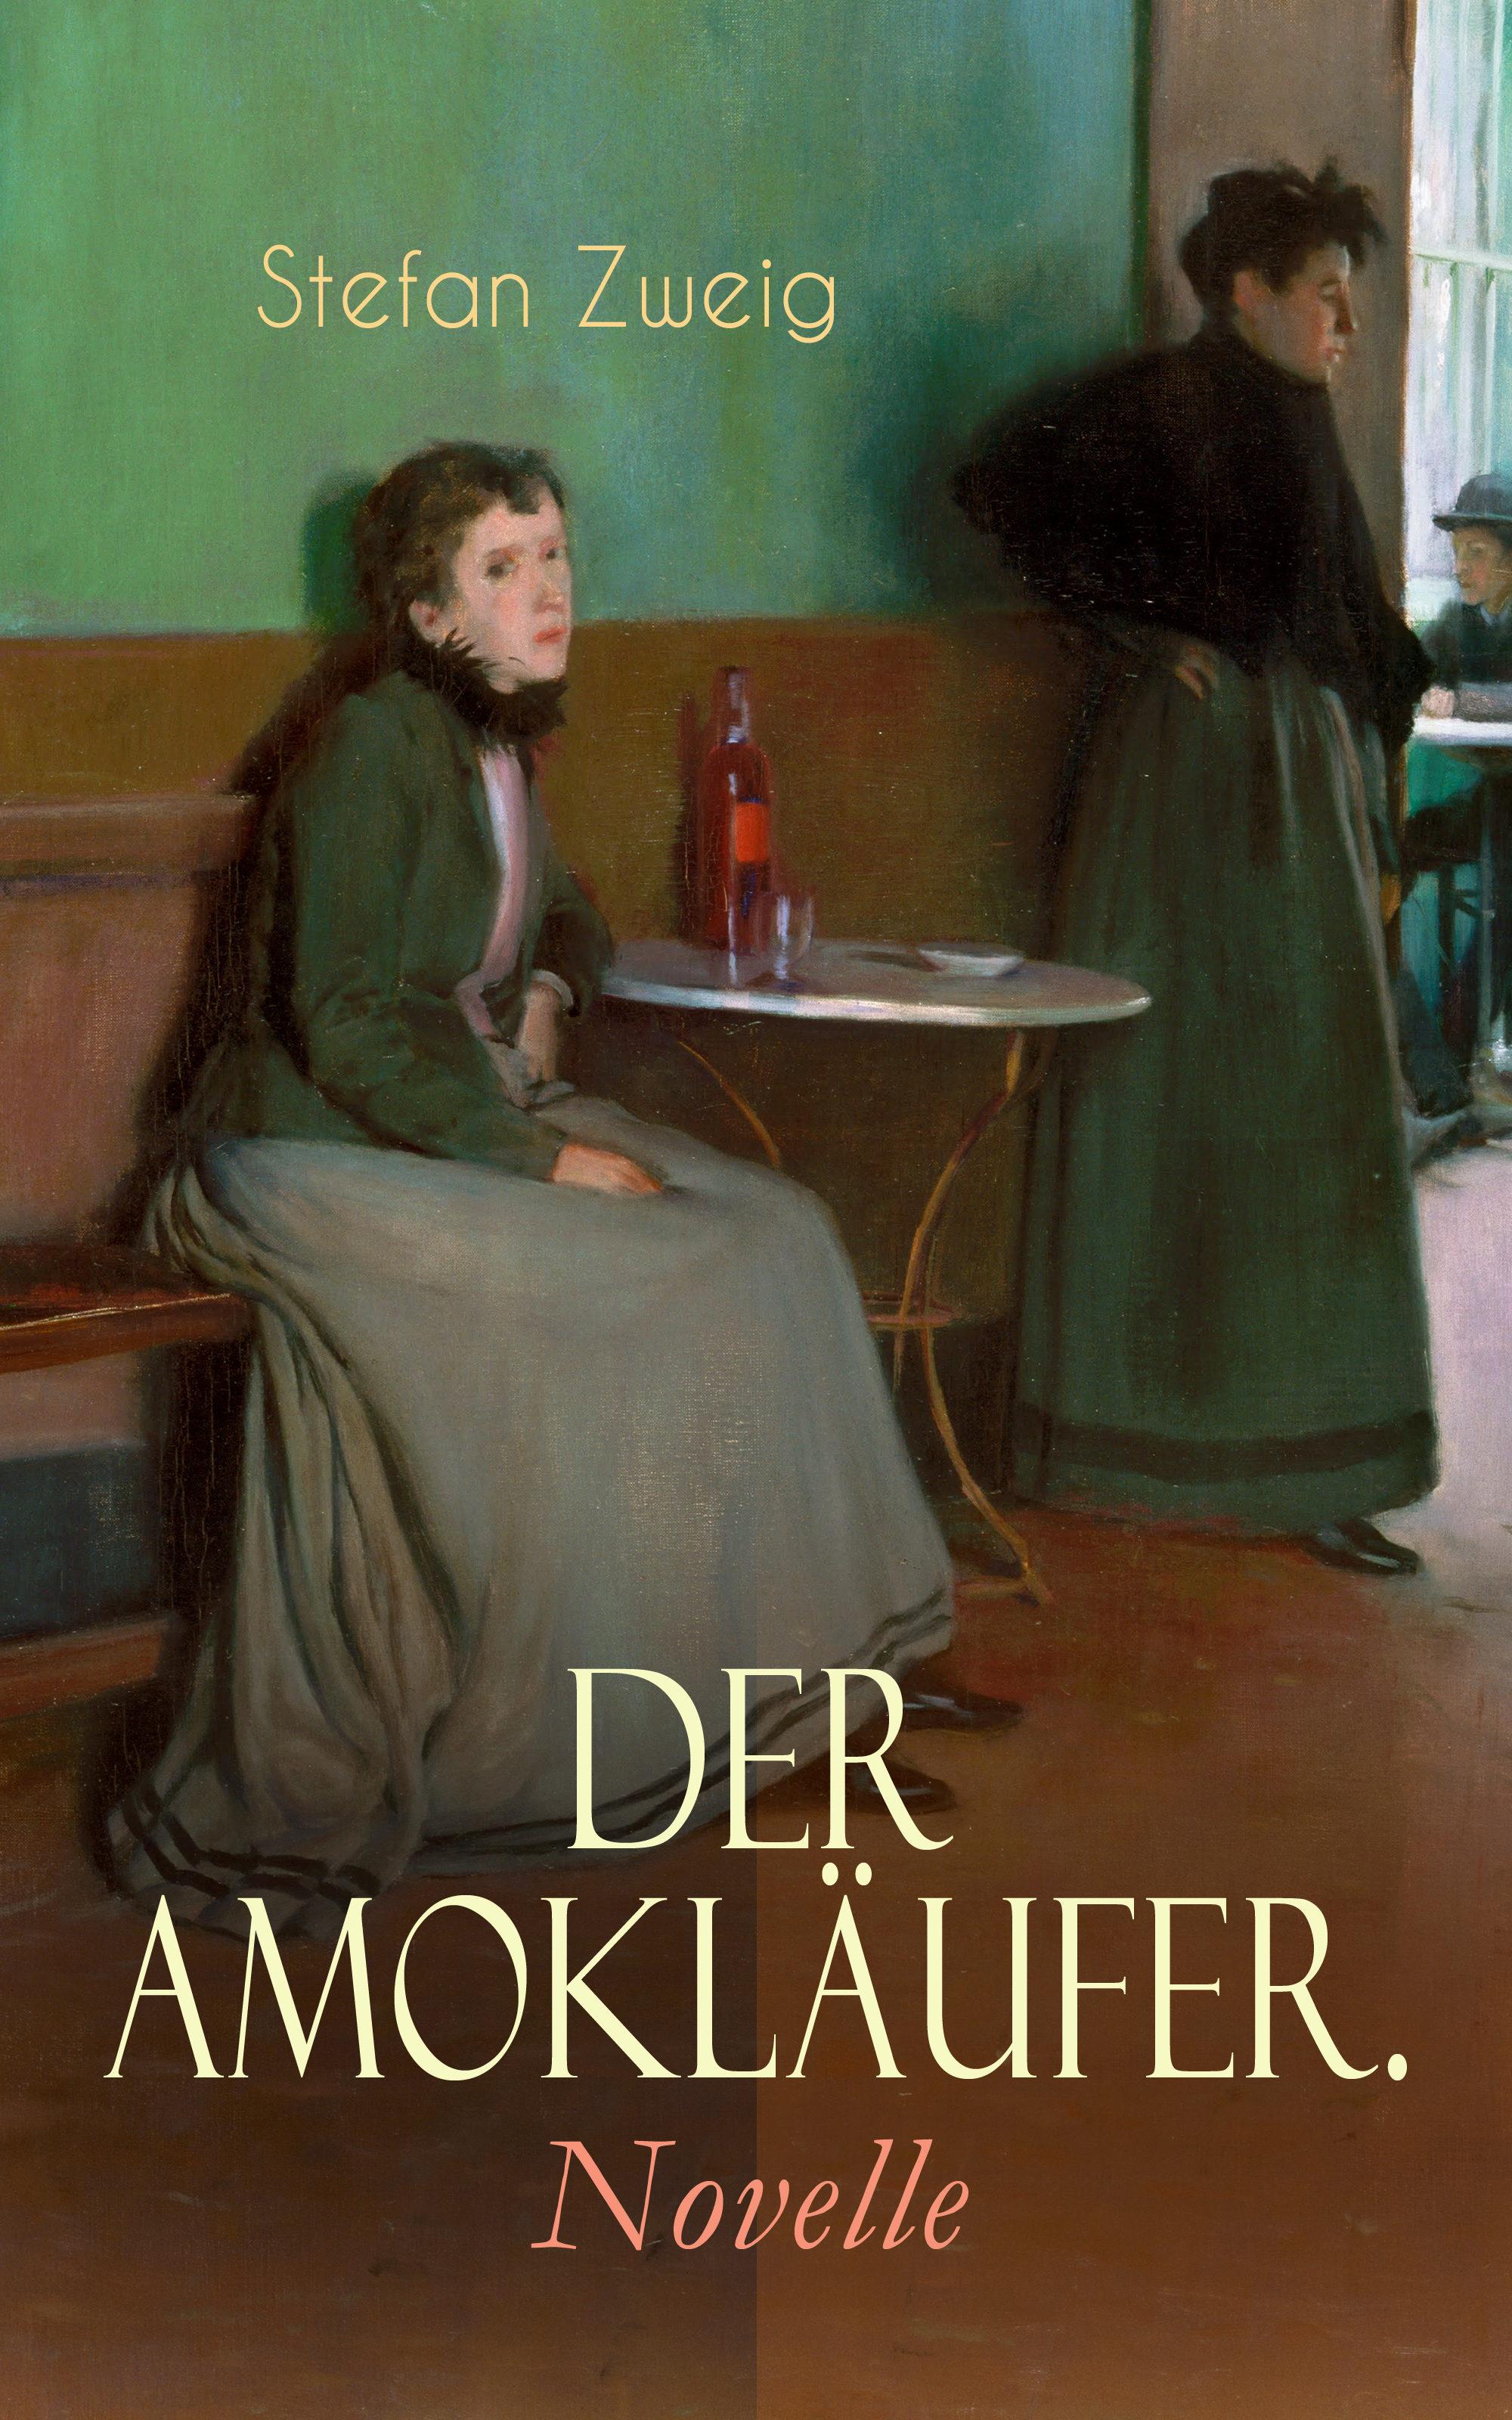 Der Amokläufer Novelle Ebook Stefan Zweig Descargar Libro Pdf O